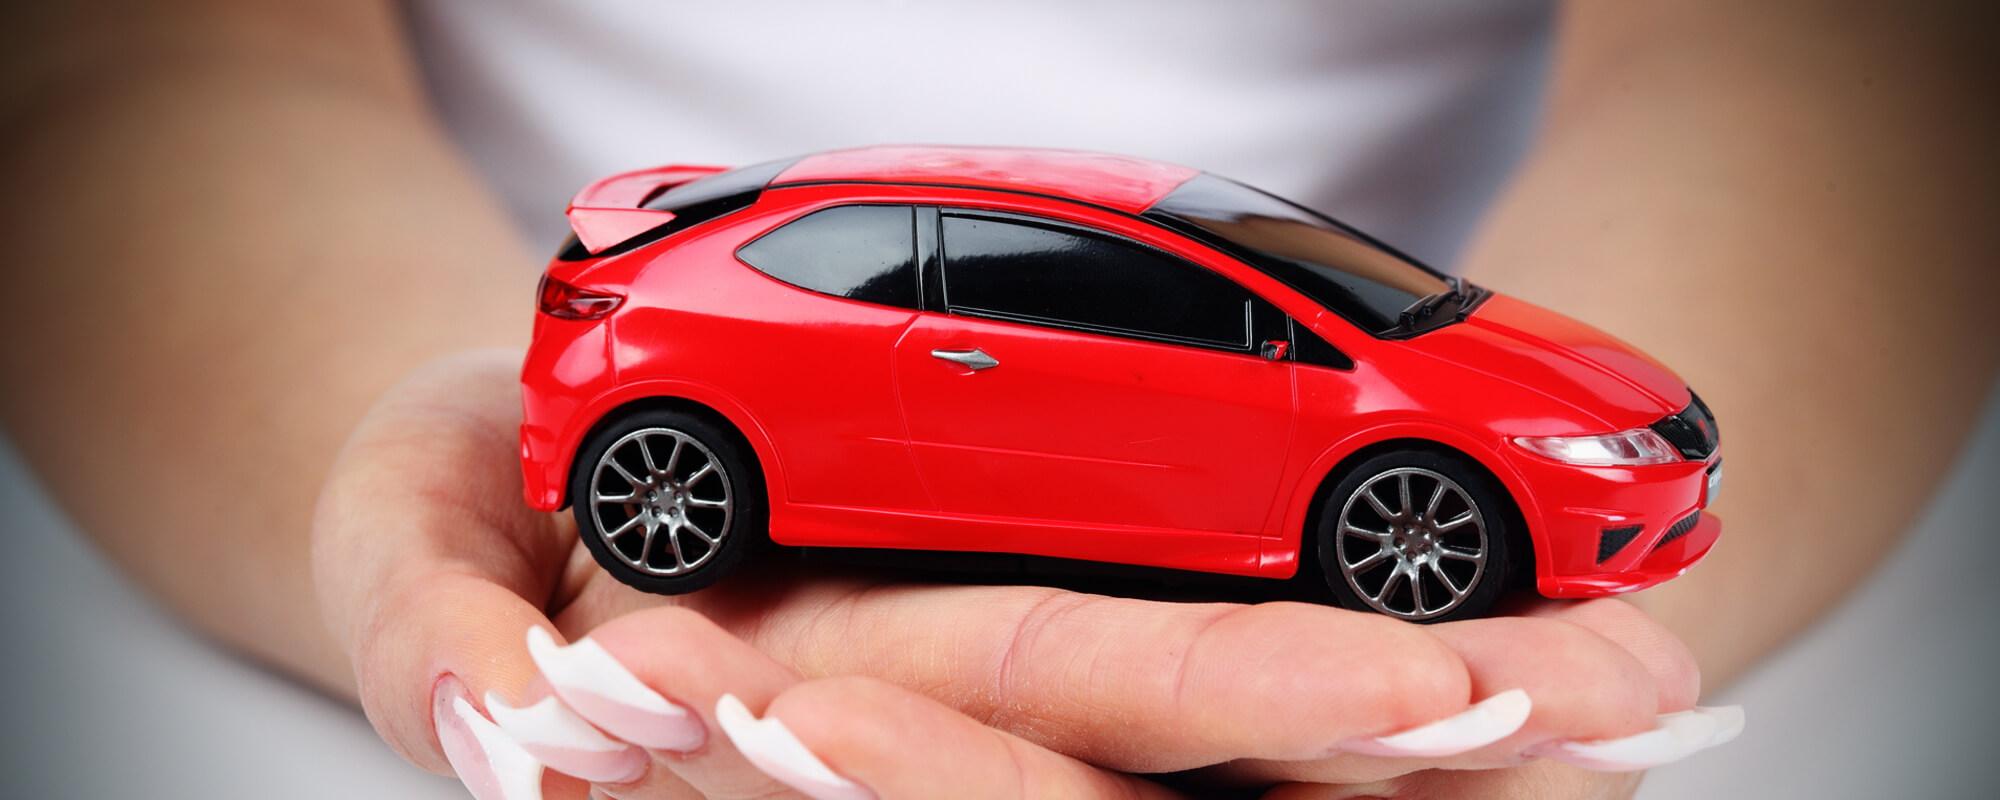 Как взять машину в кредит выгодно: какие документы нужны, где лучше автокредит